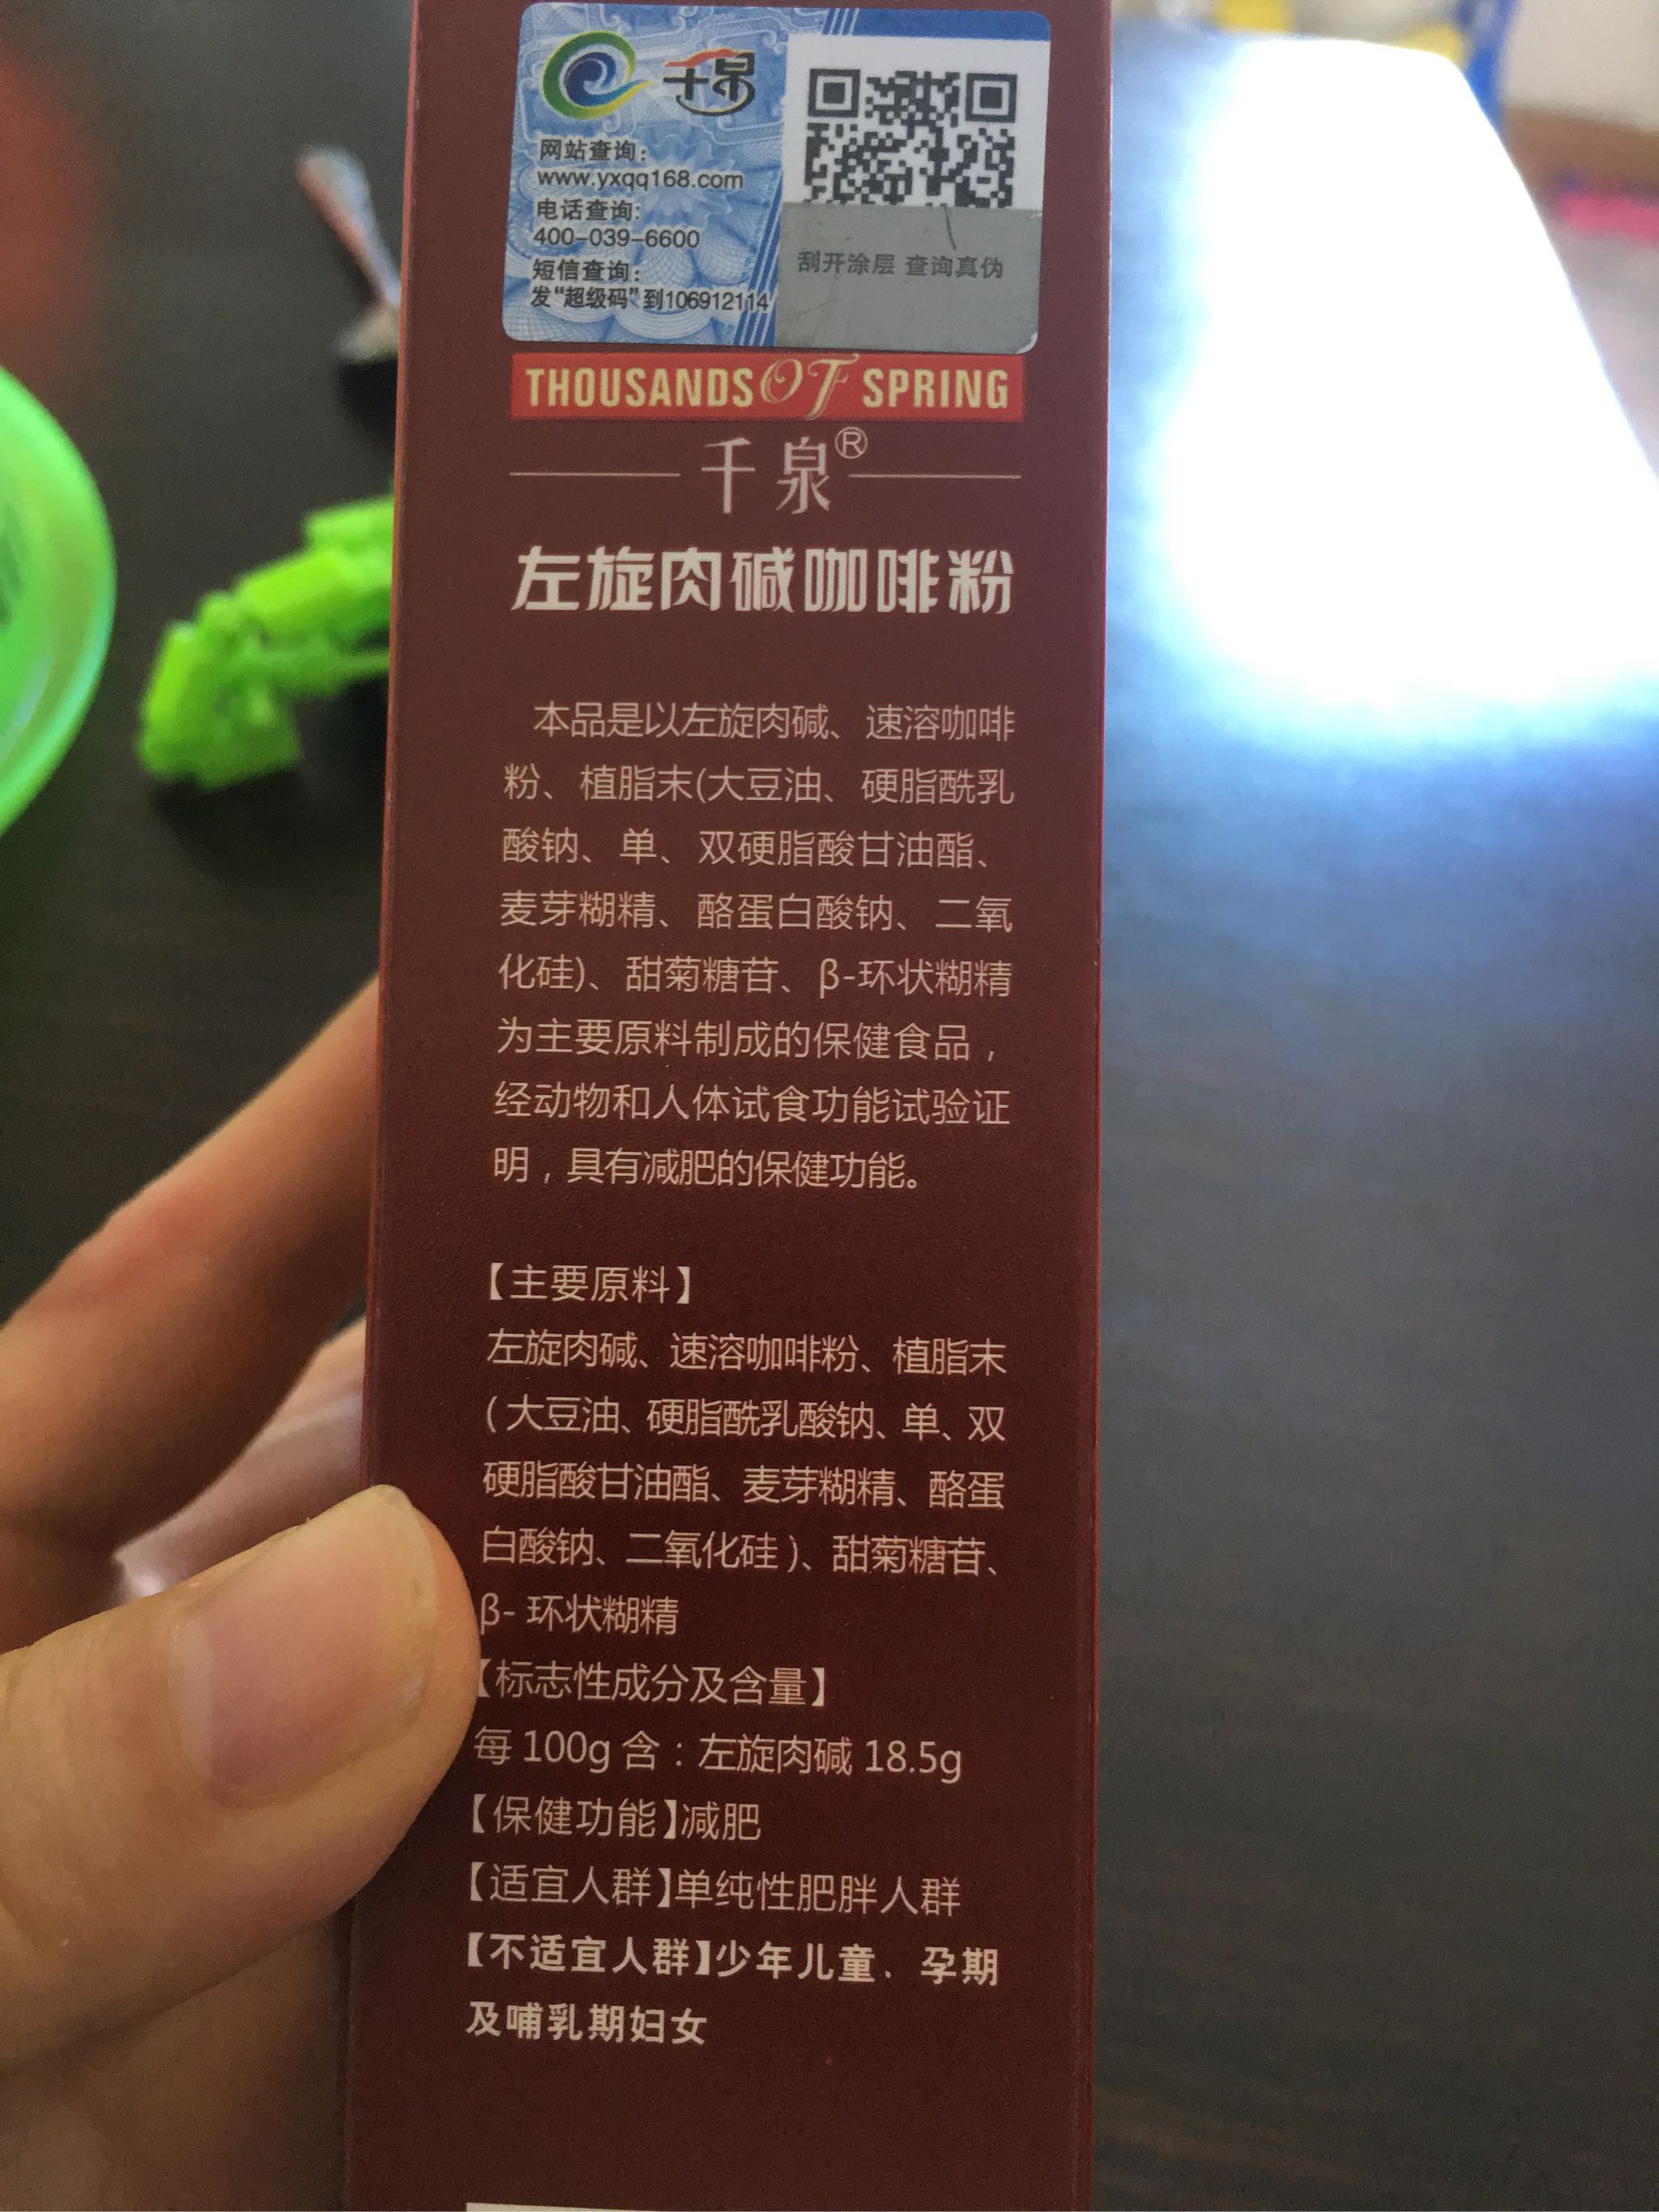 千泉牌左旋肉碱咖啡试用减肥瘦身报告